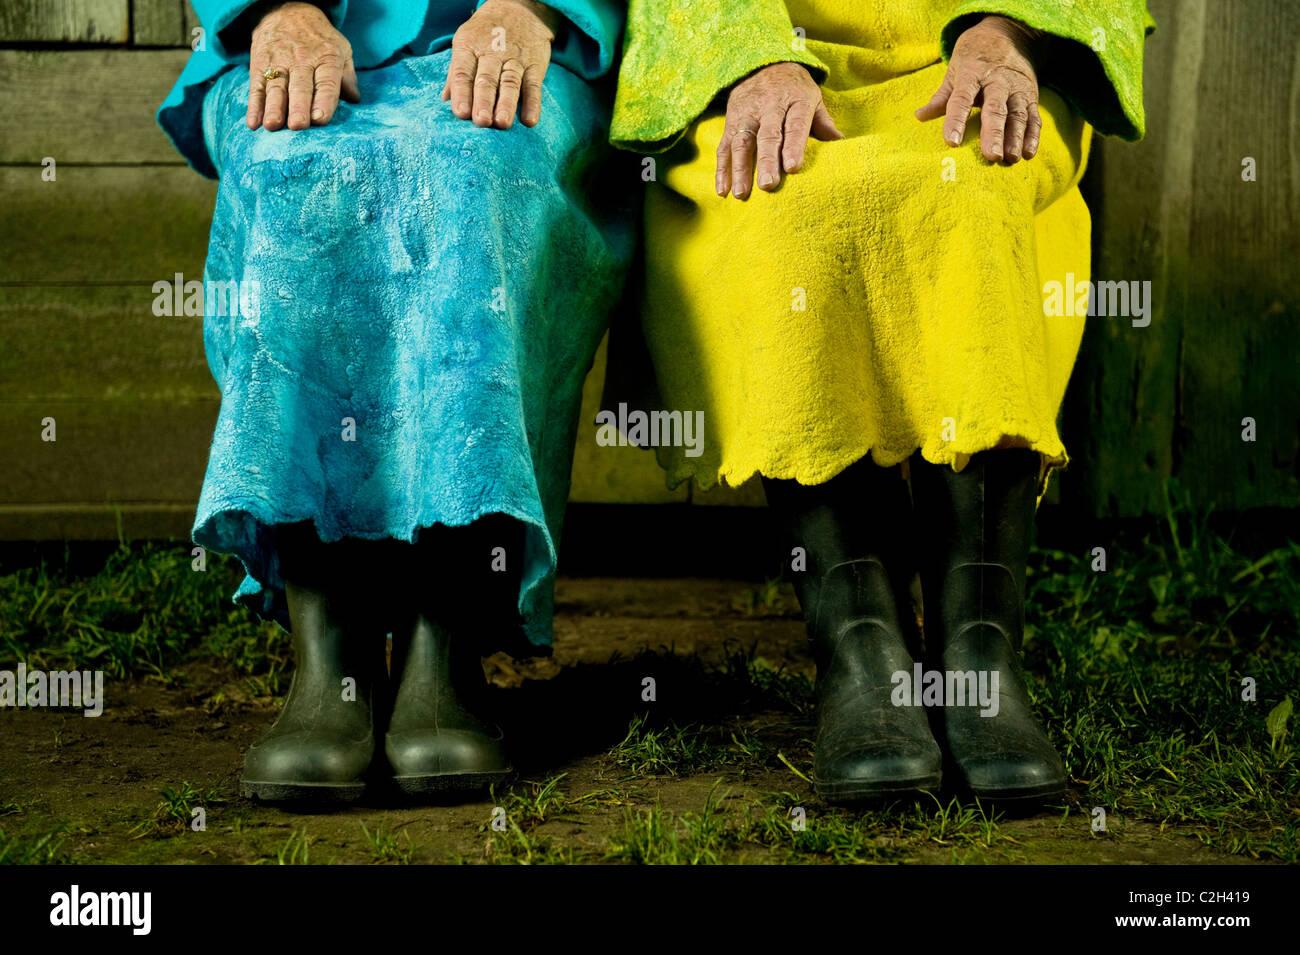 Senior mujeres elegantes se visten con un rotulador de dentado. Senior mujeres maduras manos. Foto de stock